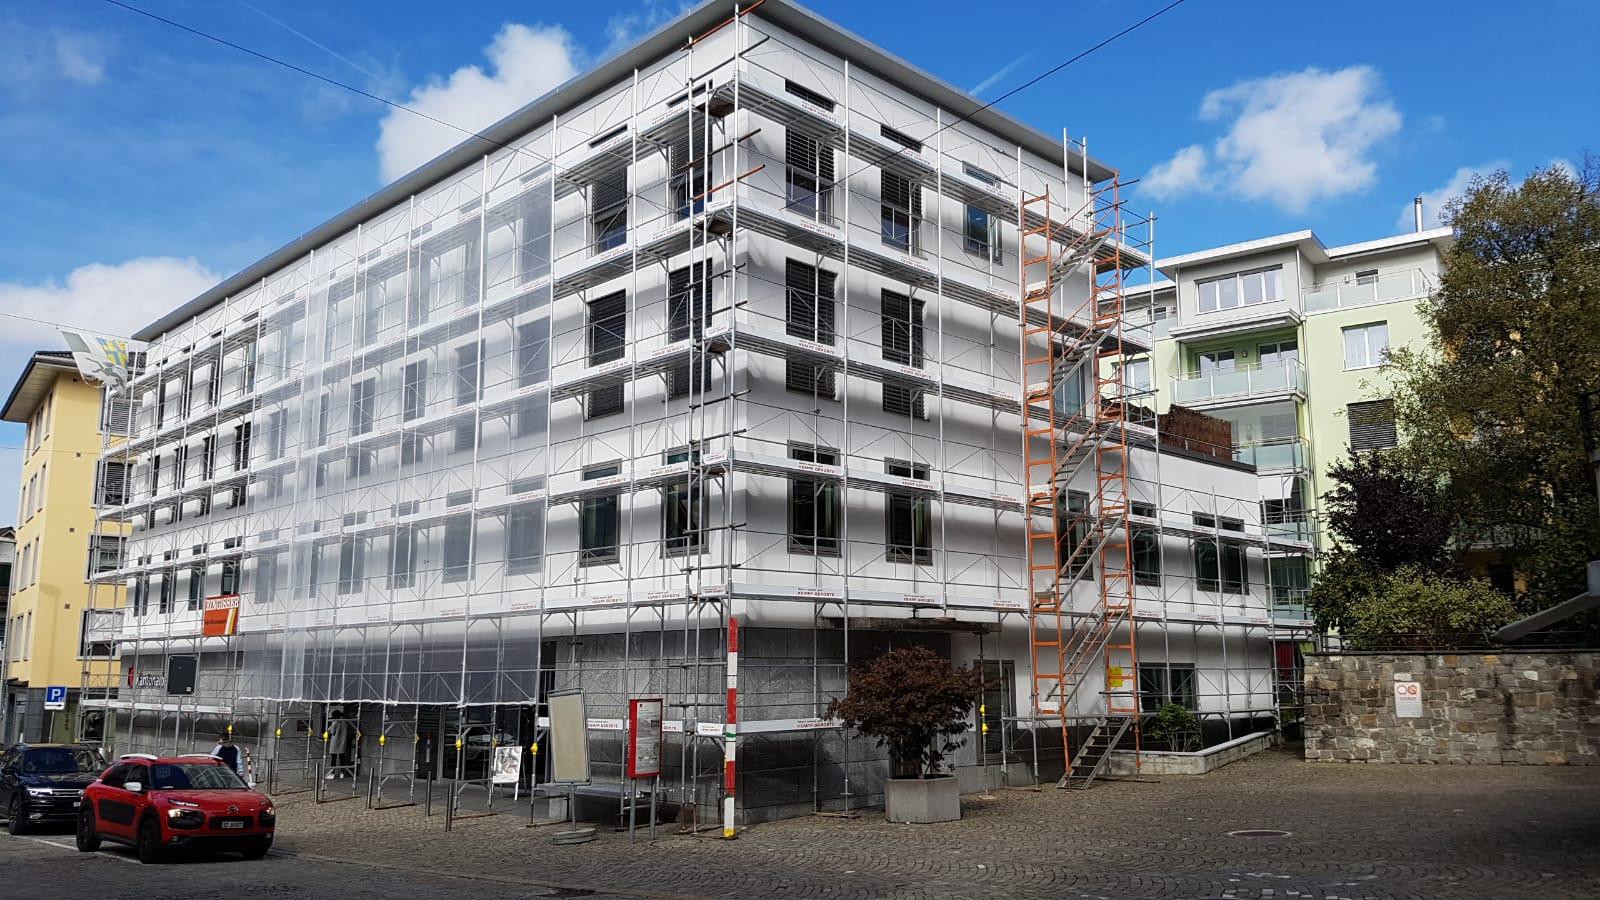 SZKB, Einsiedeln